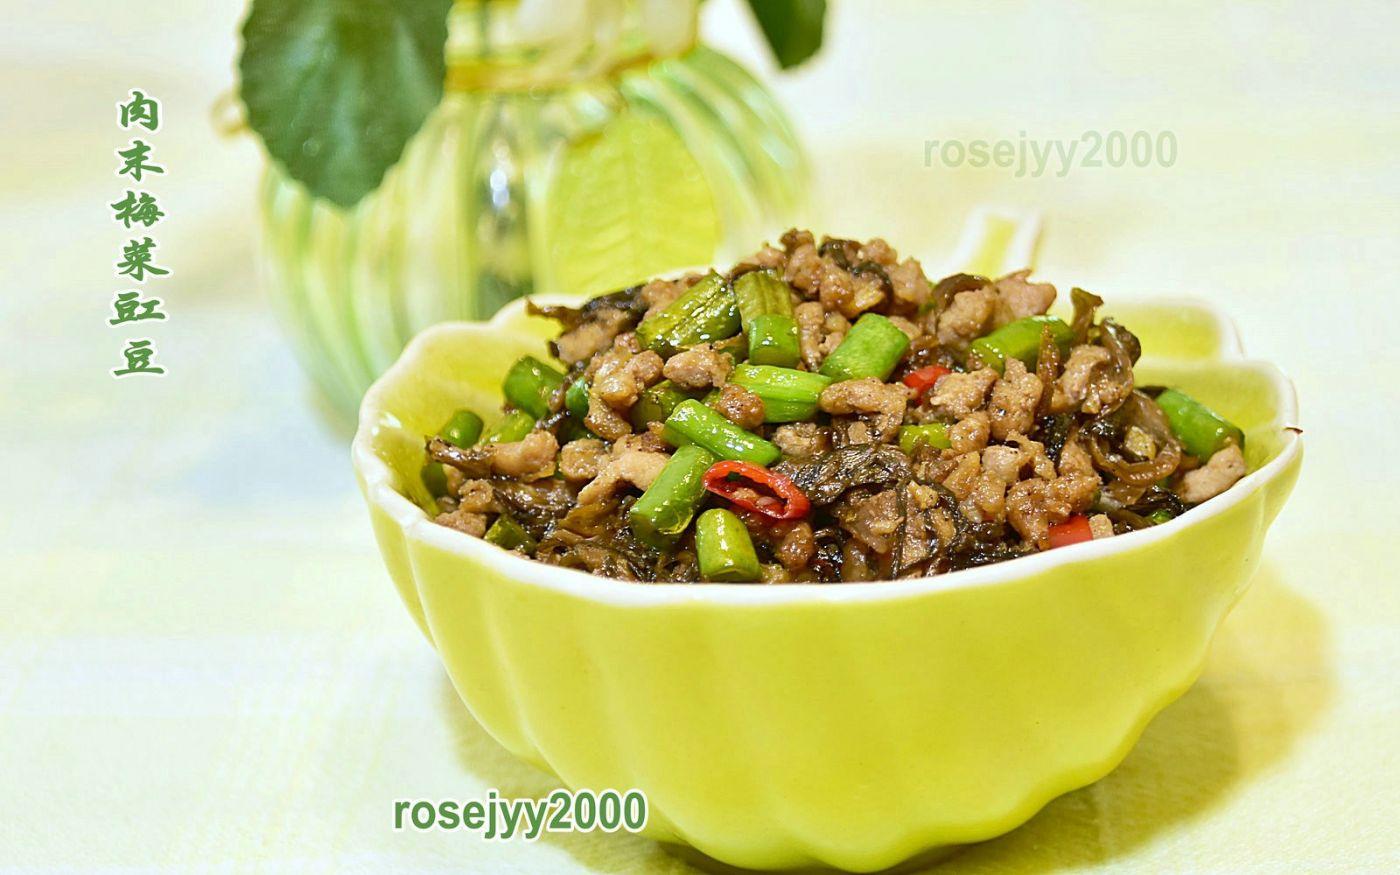 肉末梅菜豇豆_图1-1